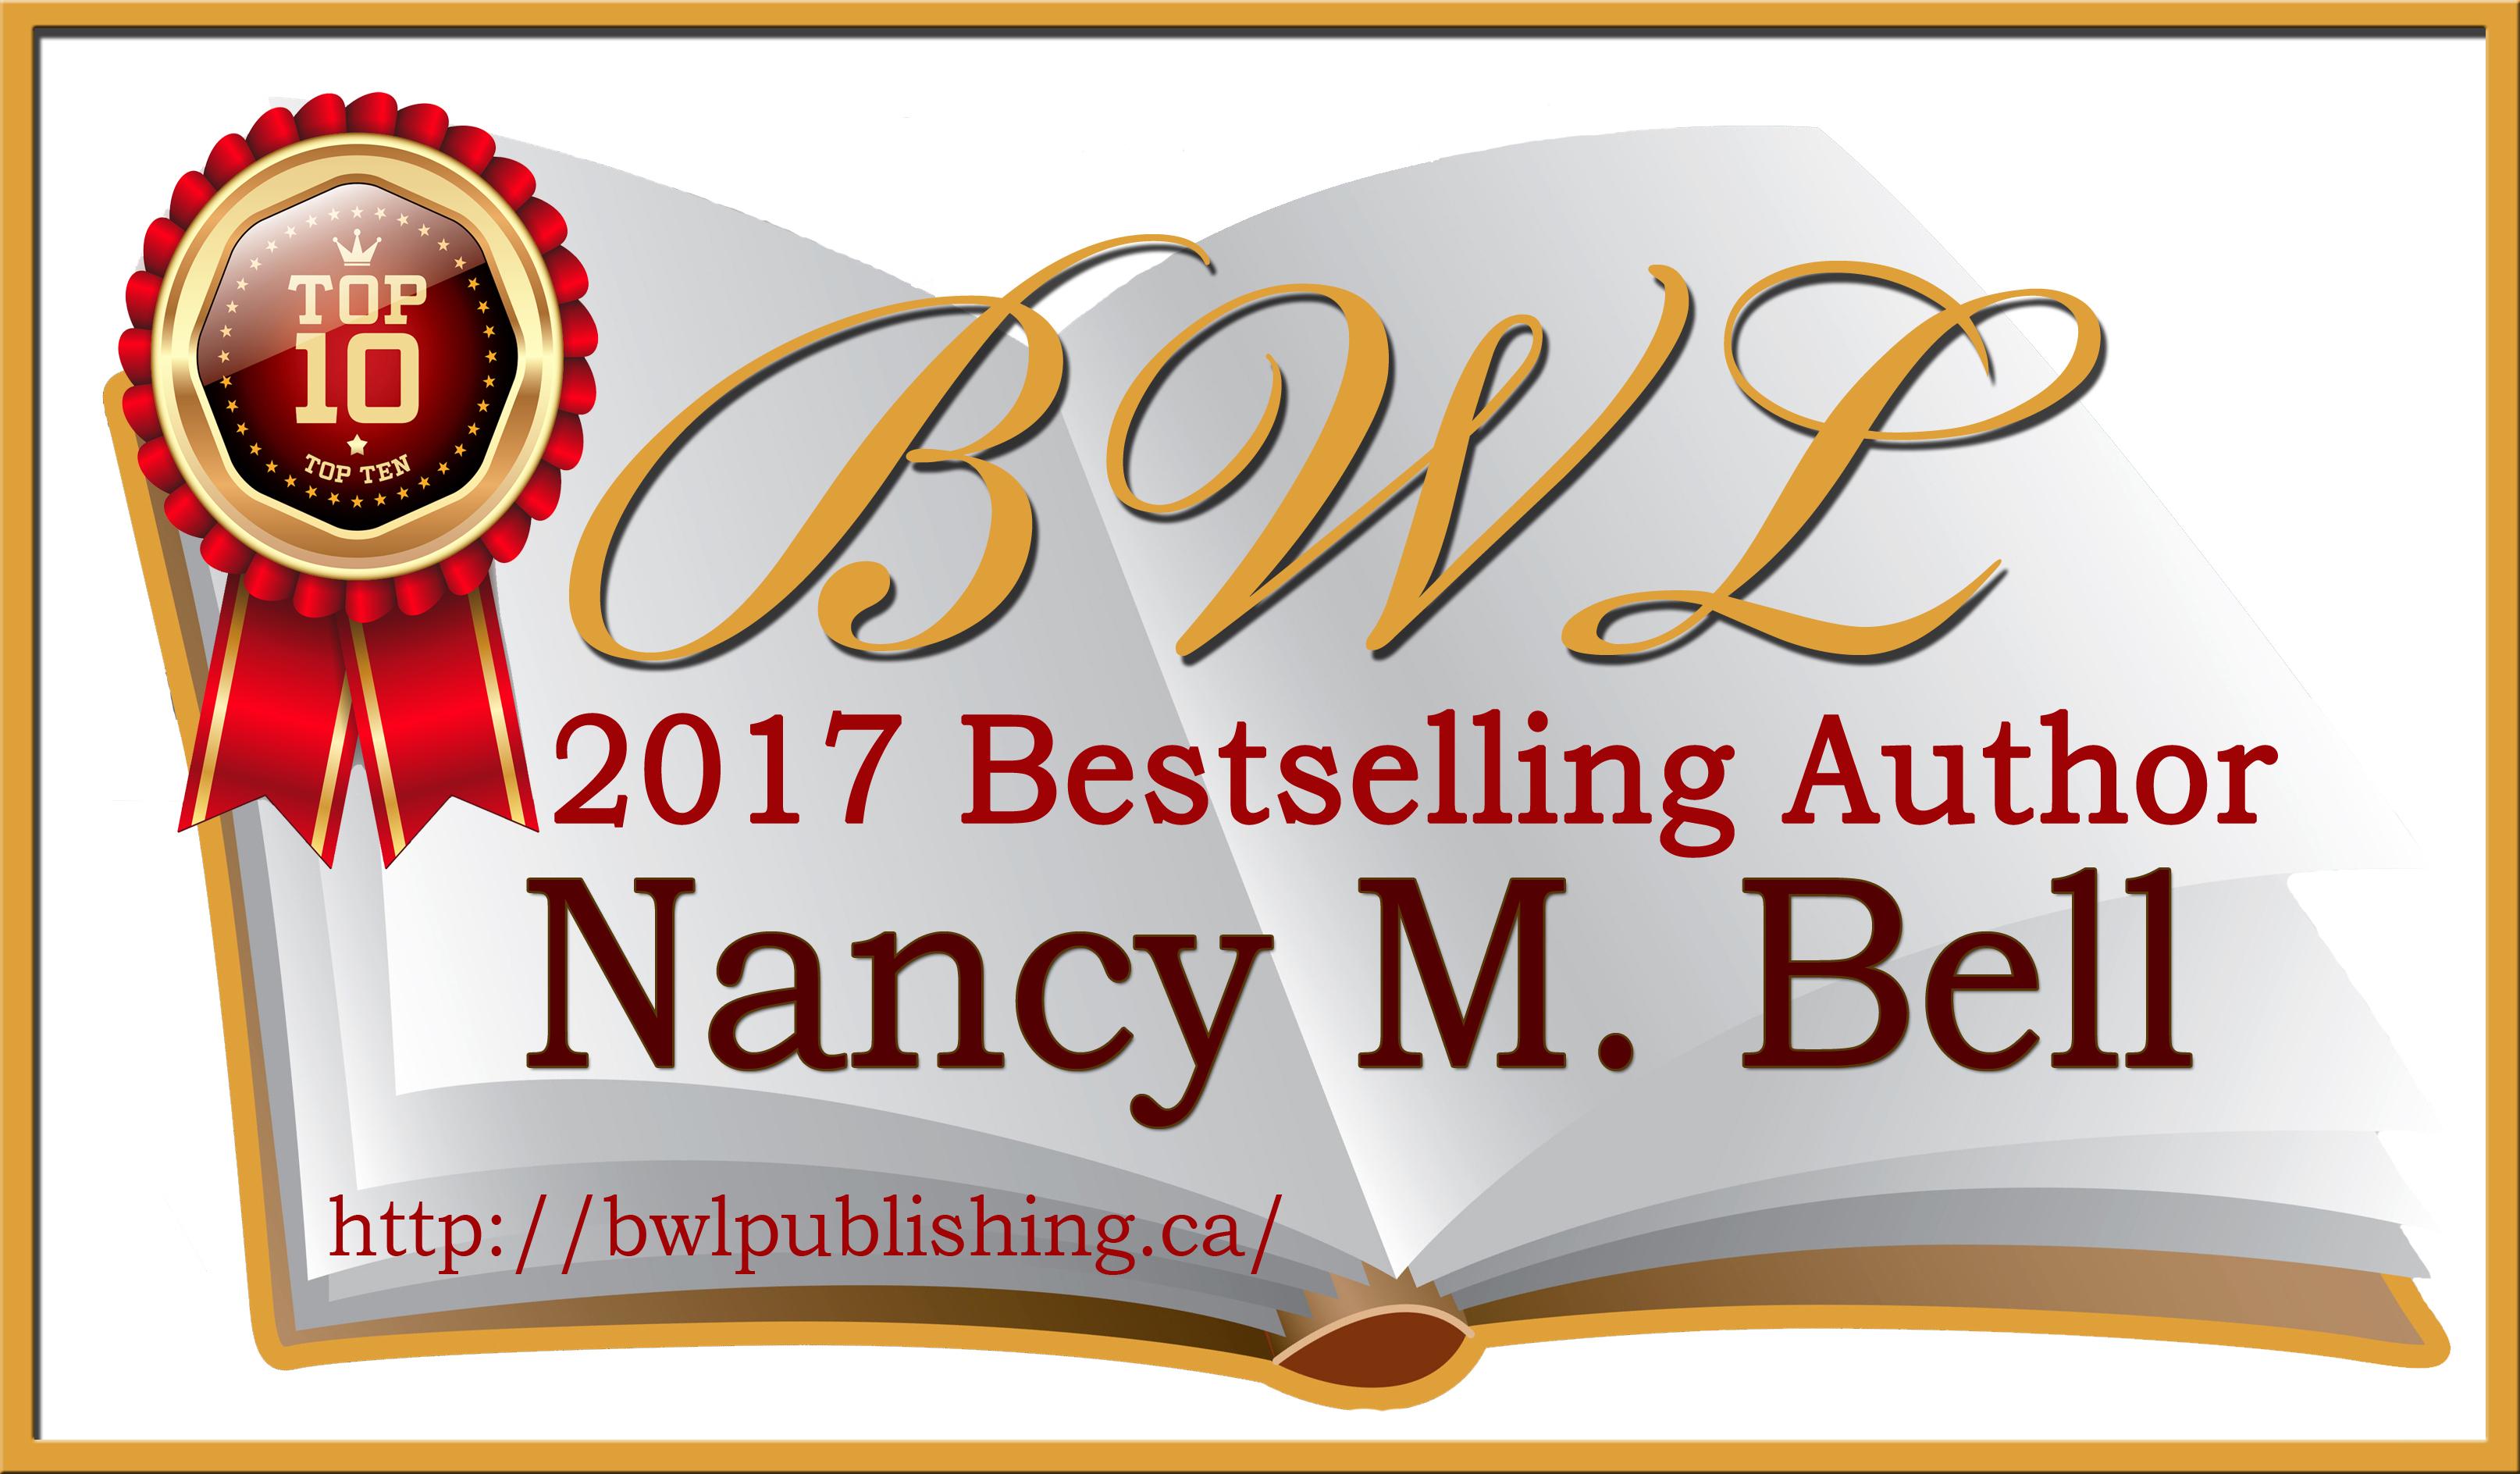 Jo And Nancy Bell